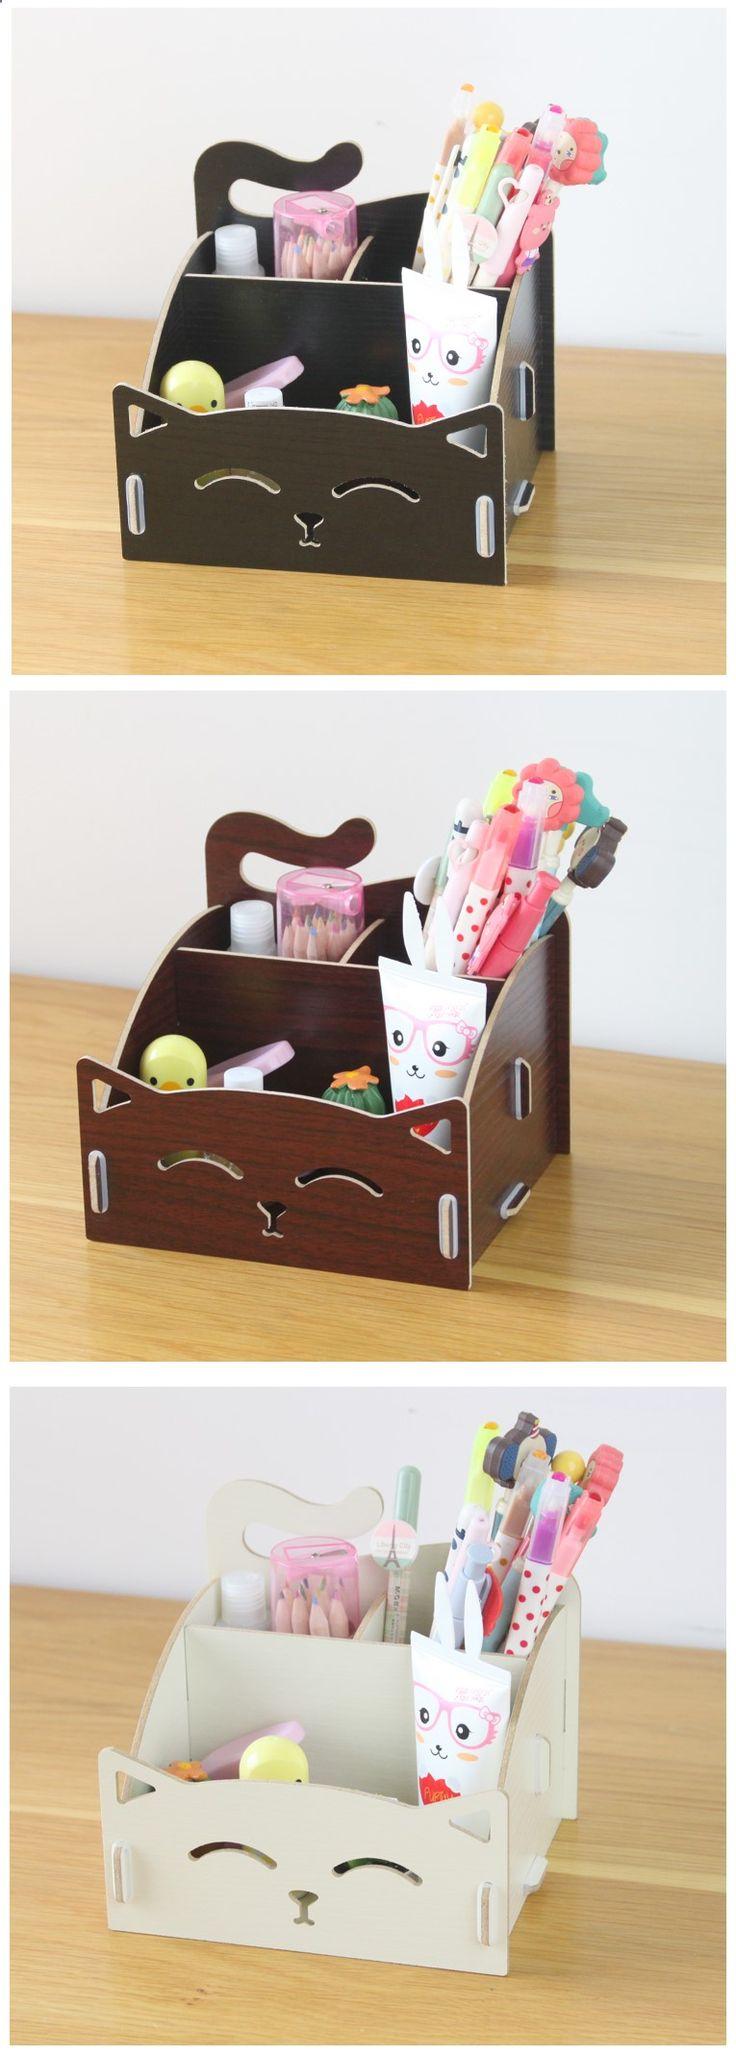 Criativo de madeira caixa de armazenamento de cosméticos caneta notas gato DIY acessórios de escritório organizador caixa em Ciaxas de armazenamento & lixo de Casa & jardim no AliExpress.com | Alibaba Group